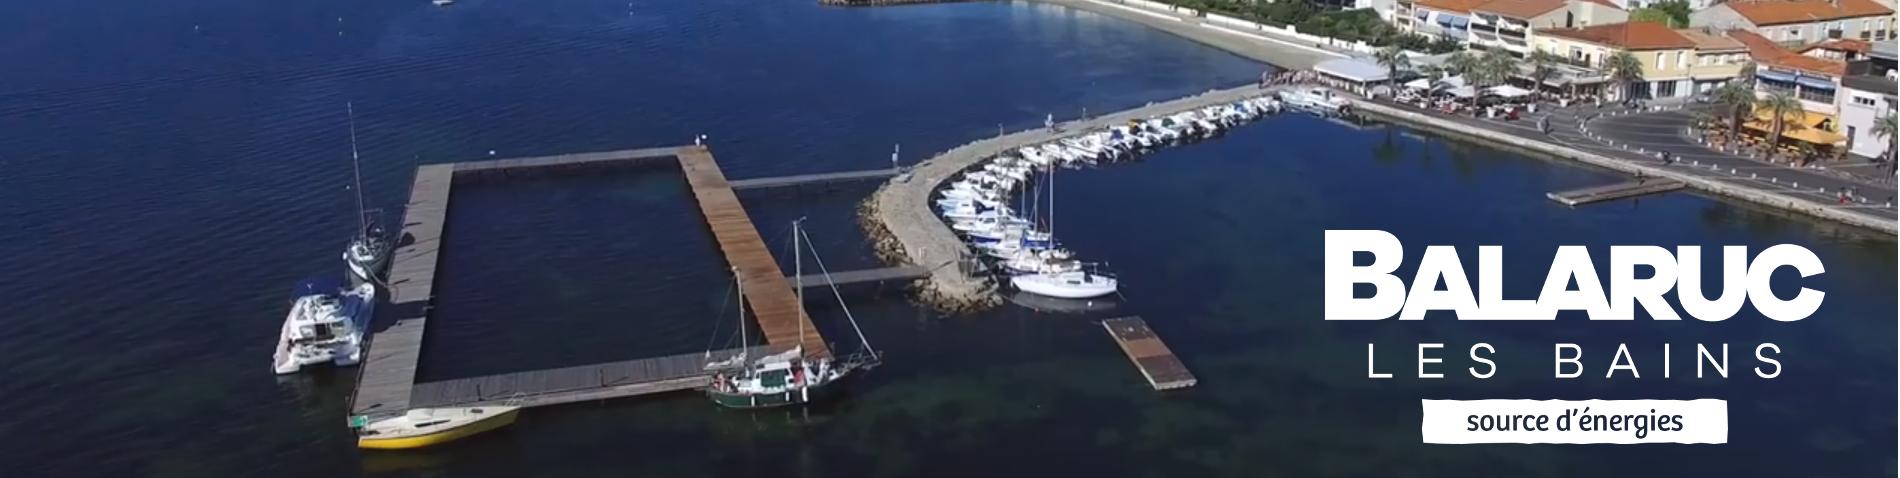 Nouvelle vidéo de Balaruc-les-Bains